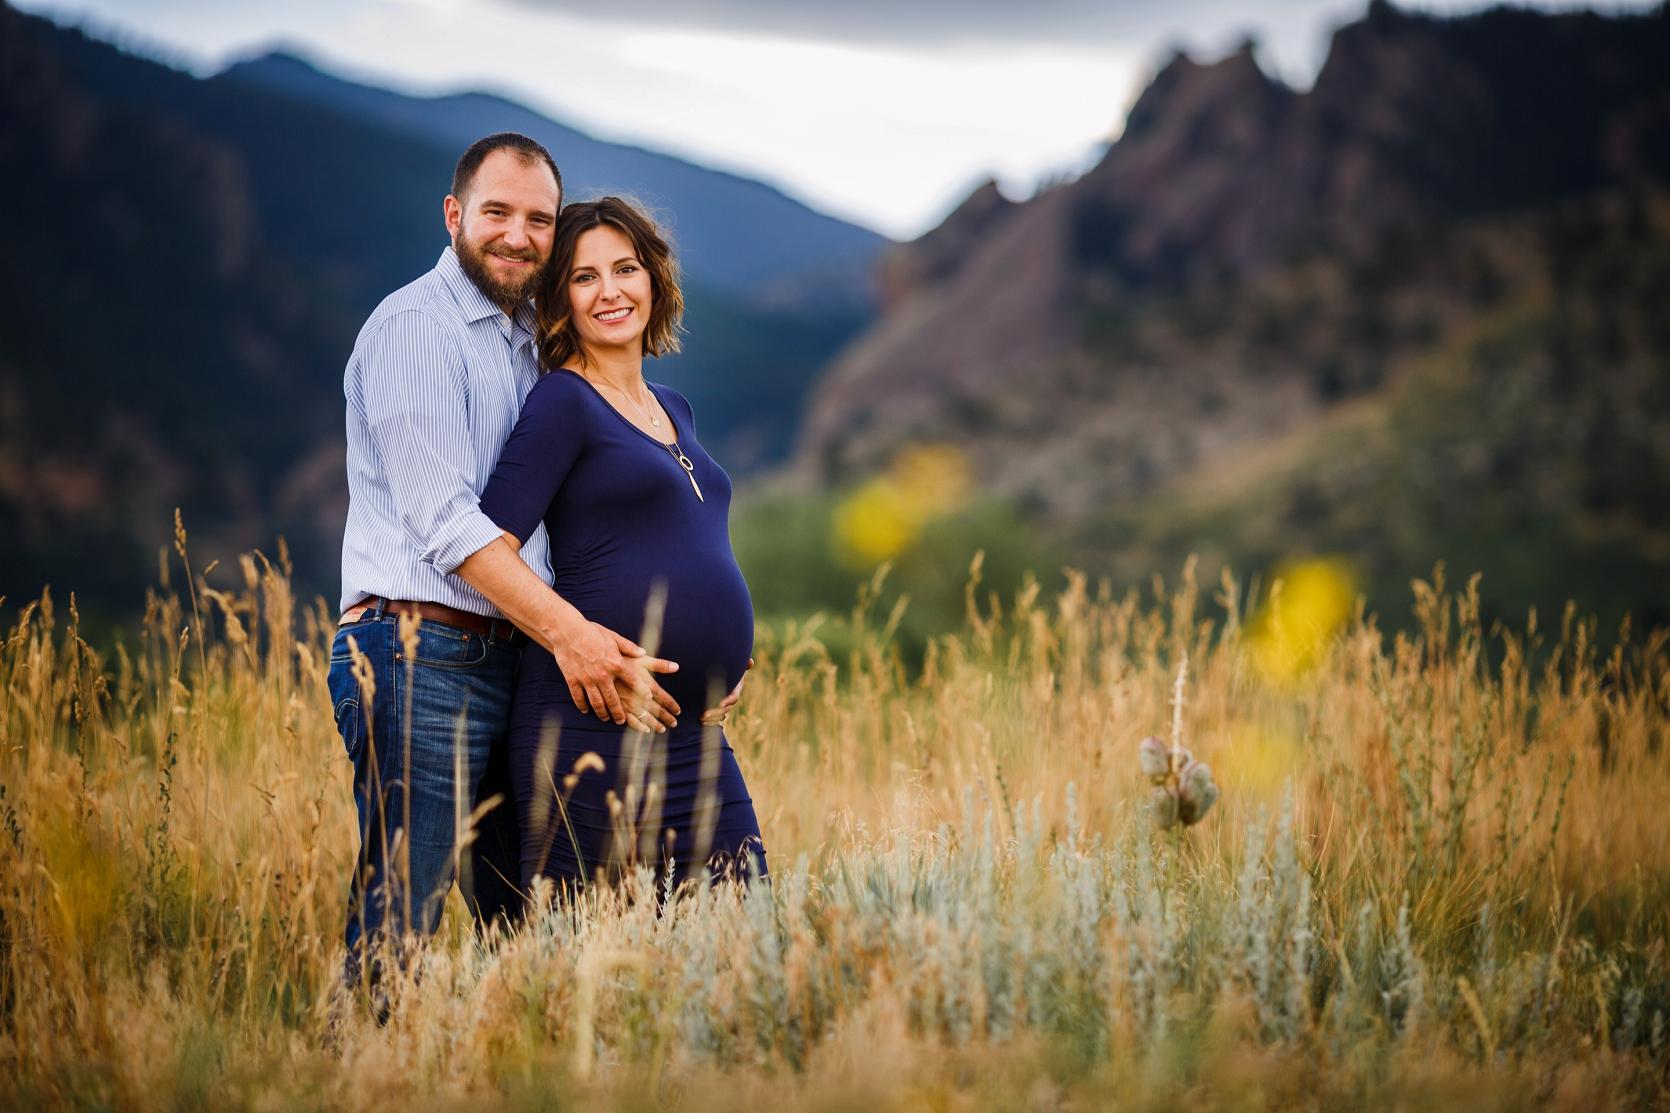 South_Mesa_Trailhead_Maternity_Session_0007b